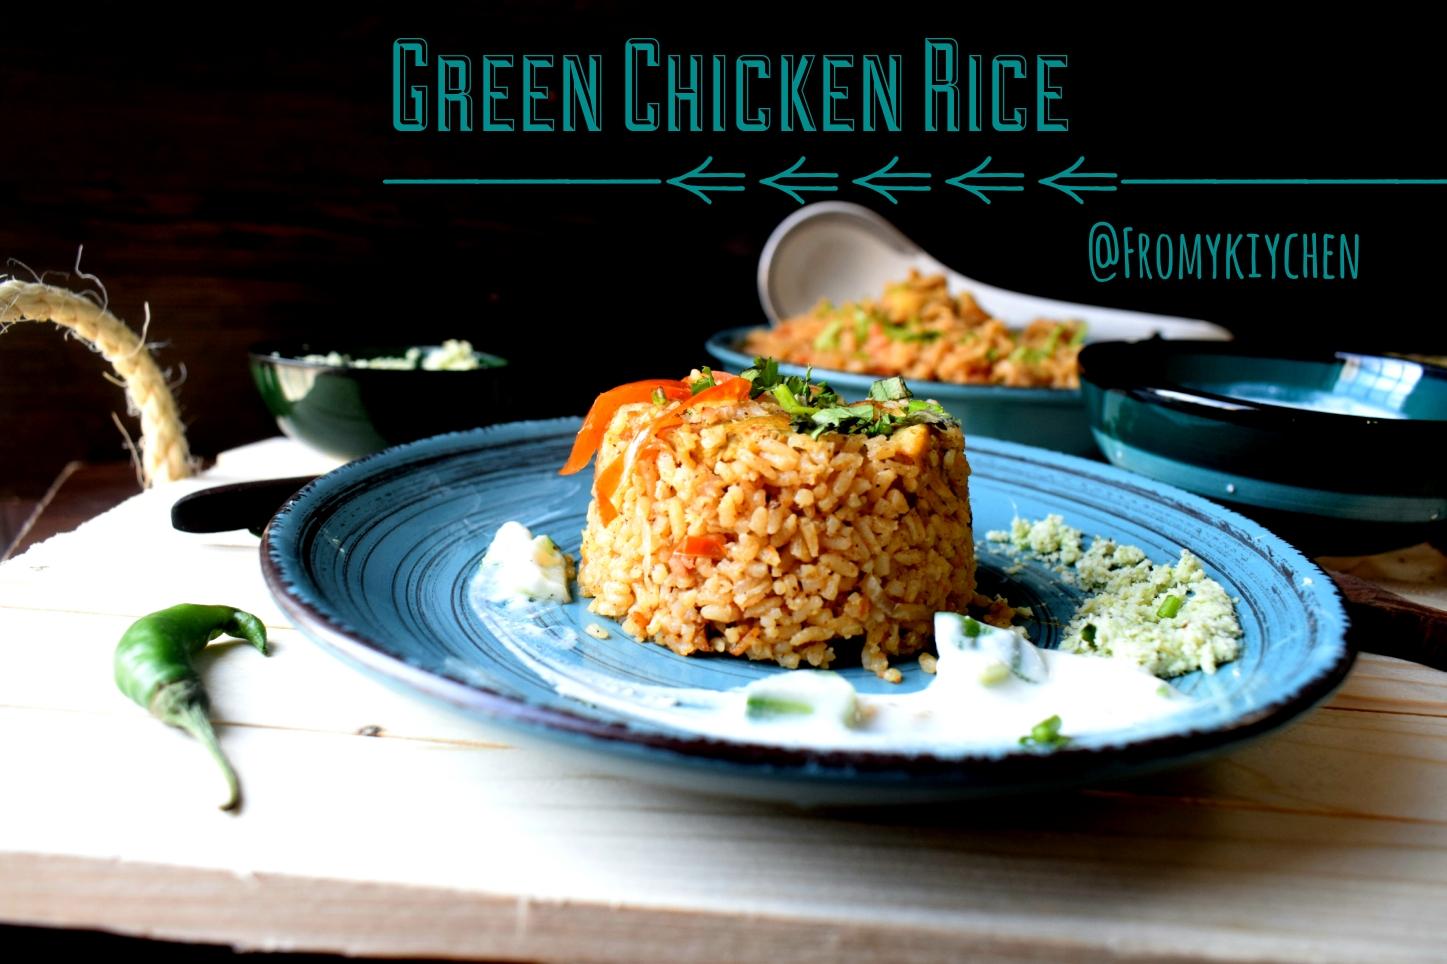 Green Chicken Rice